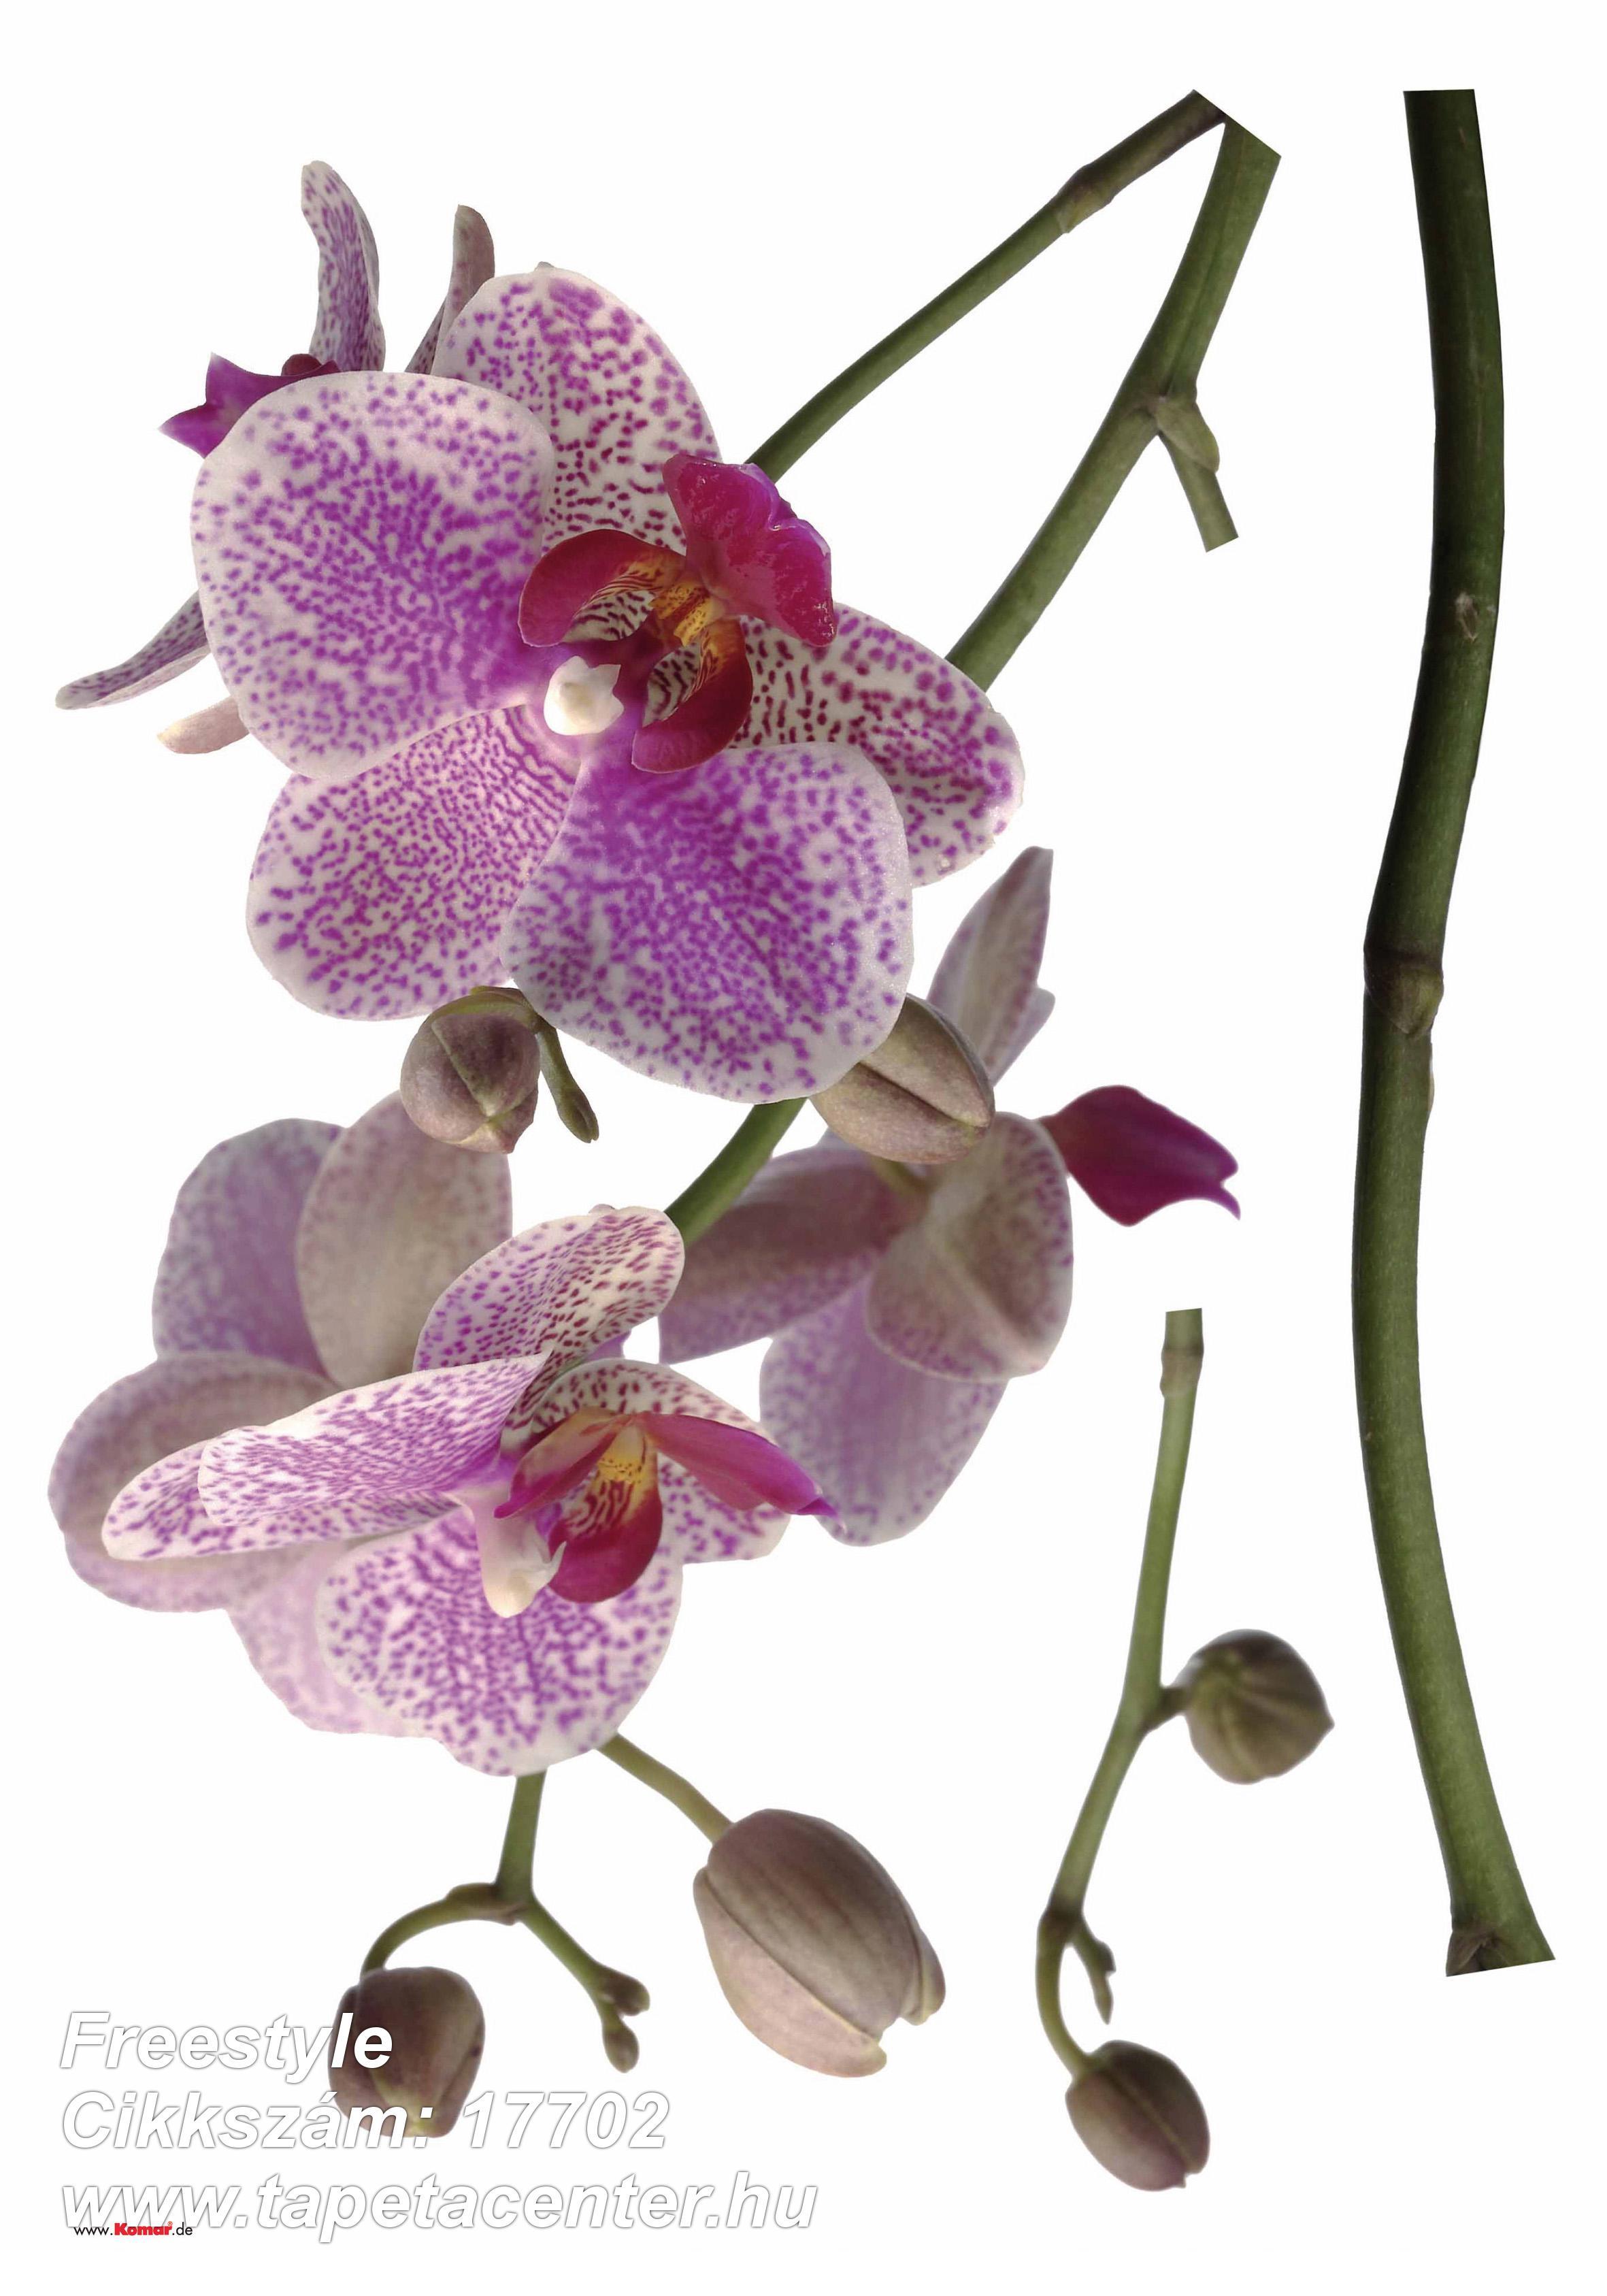 Virágmintás,fehér,lila,pink-rózsaszín,zöld,anyagában öntapadós falmatrica